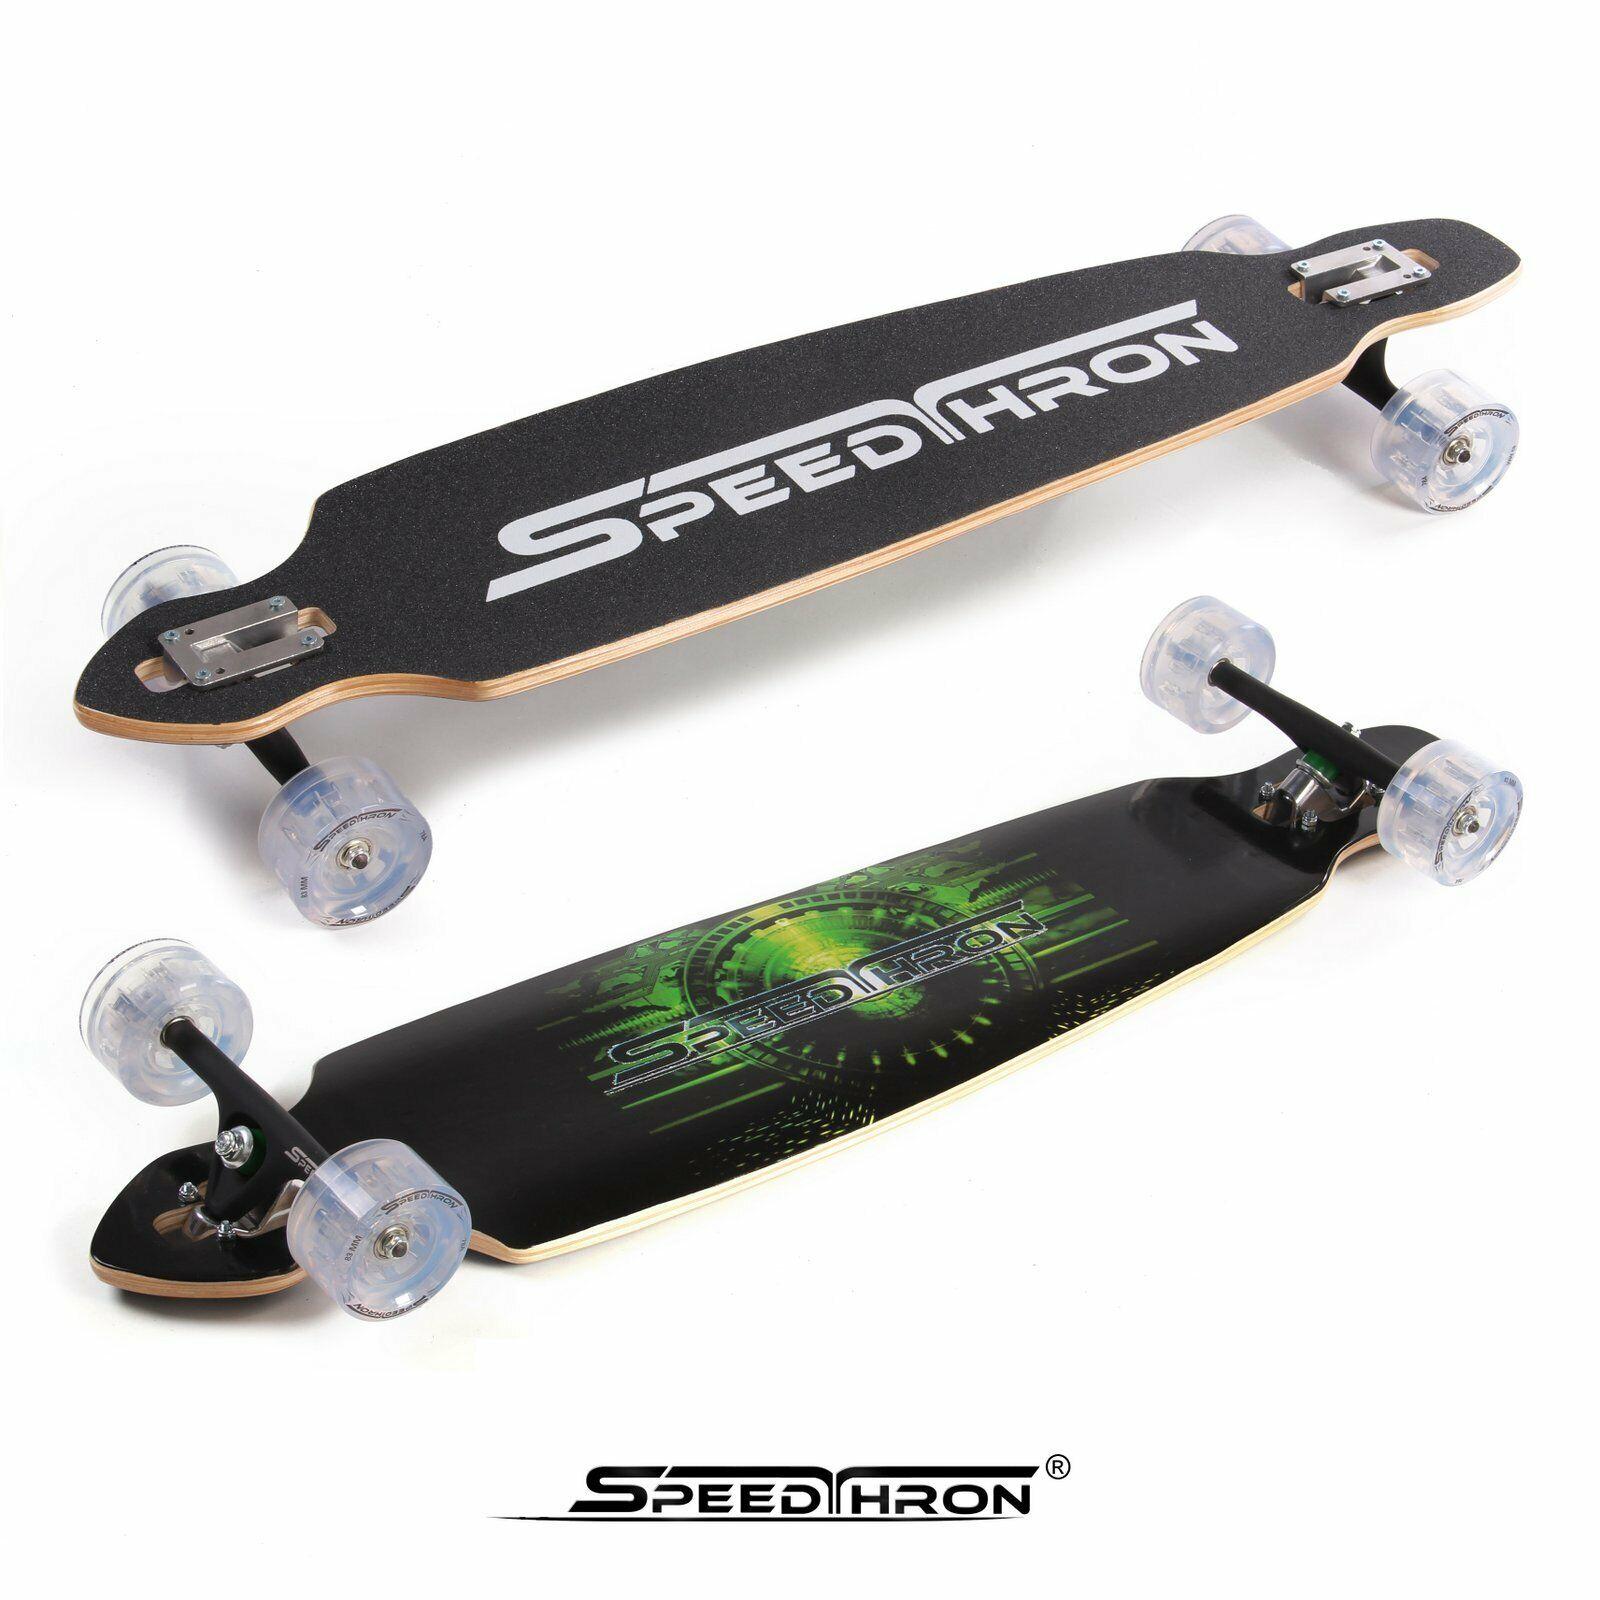 Longboard allday XL dropthrough de speedthron